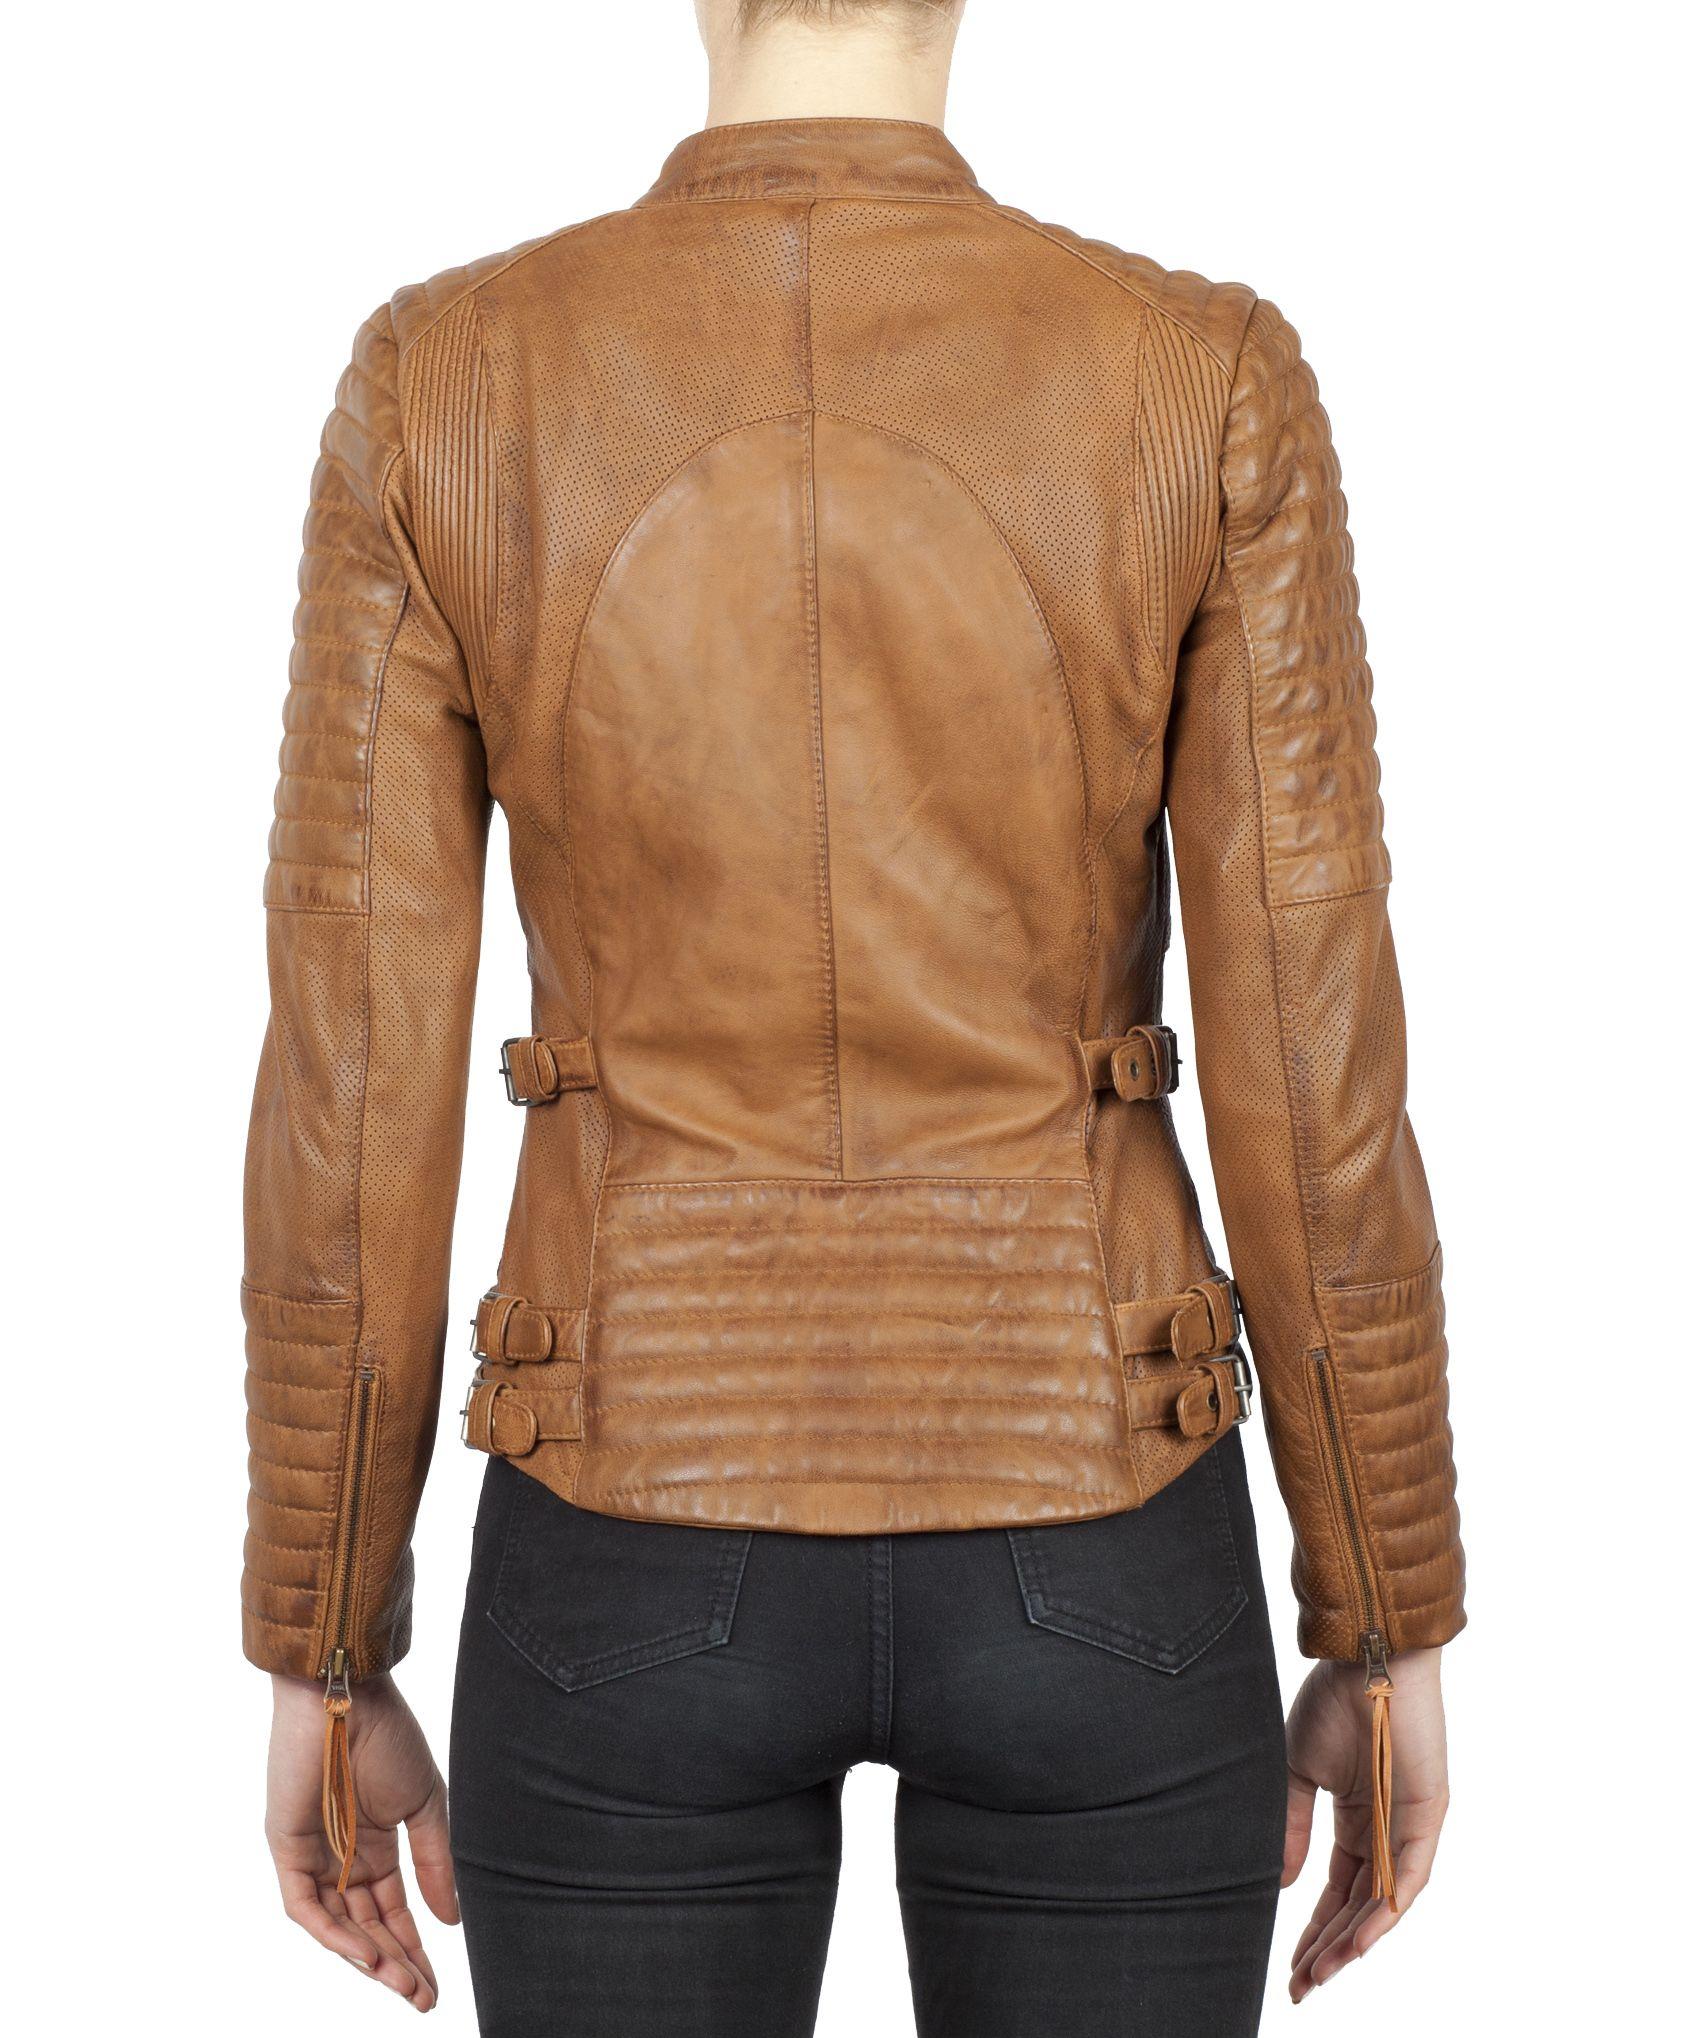 Best Fashion Motorcycle Jacket